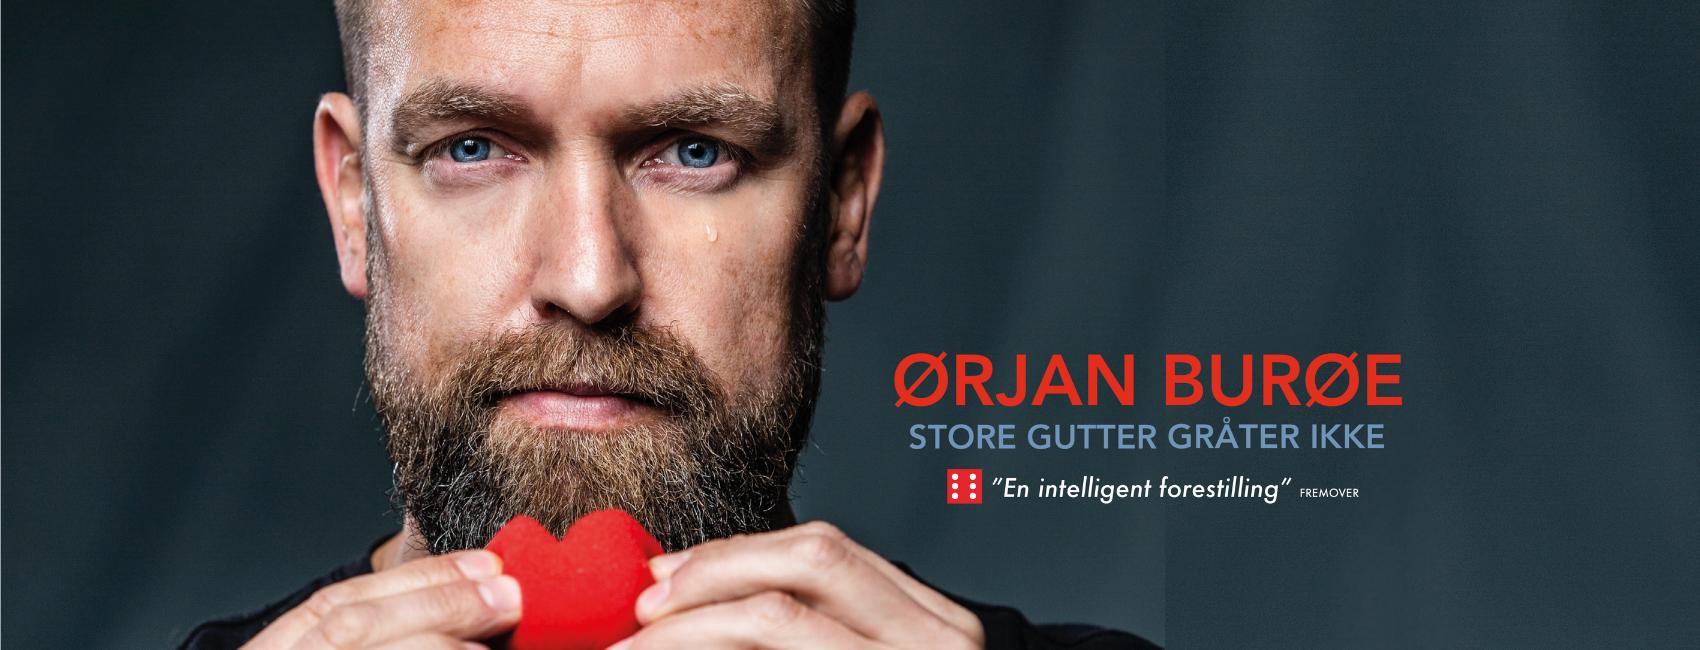 Ørjan_Burøe_Edderkoppen_Scene_Store_gutter_gråter_ikke